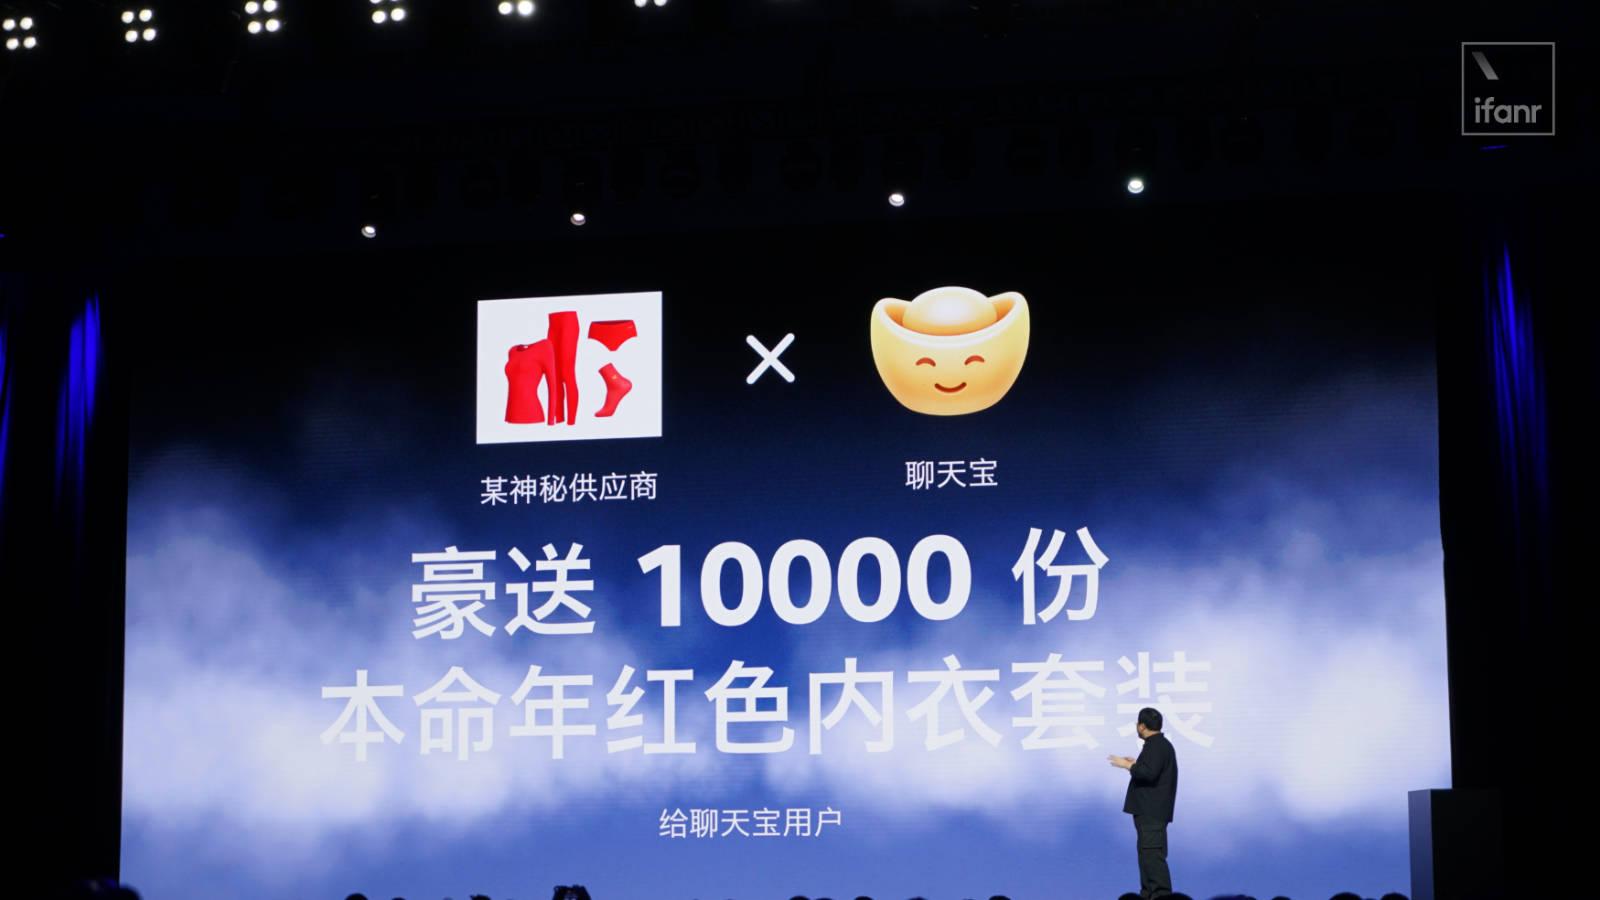 豪送、年貨、招商…羅永浩開了場「網賺大會」